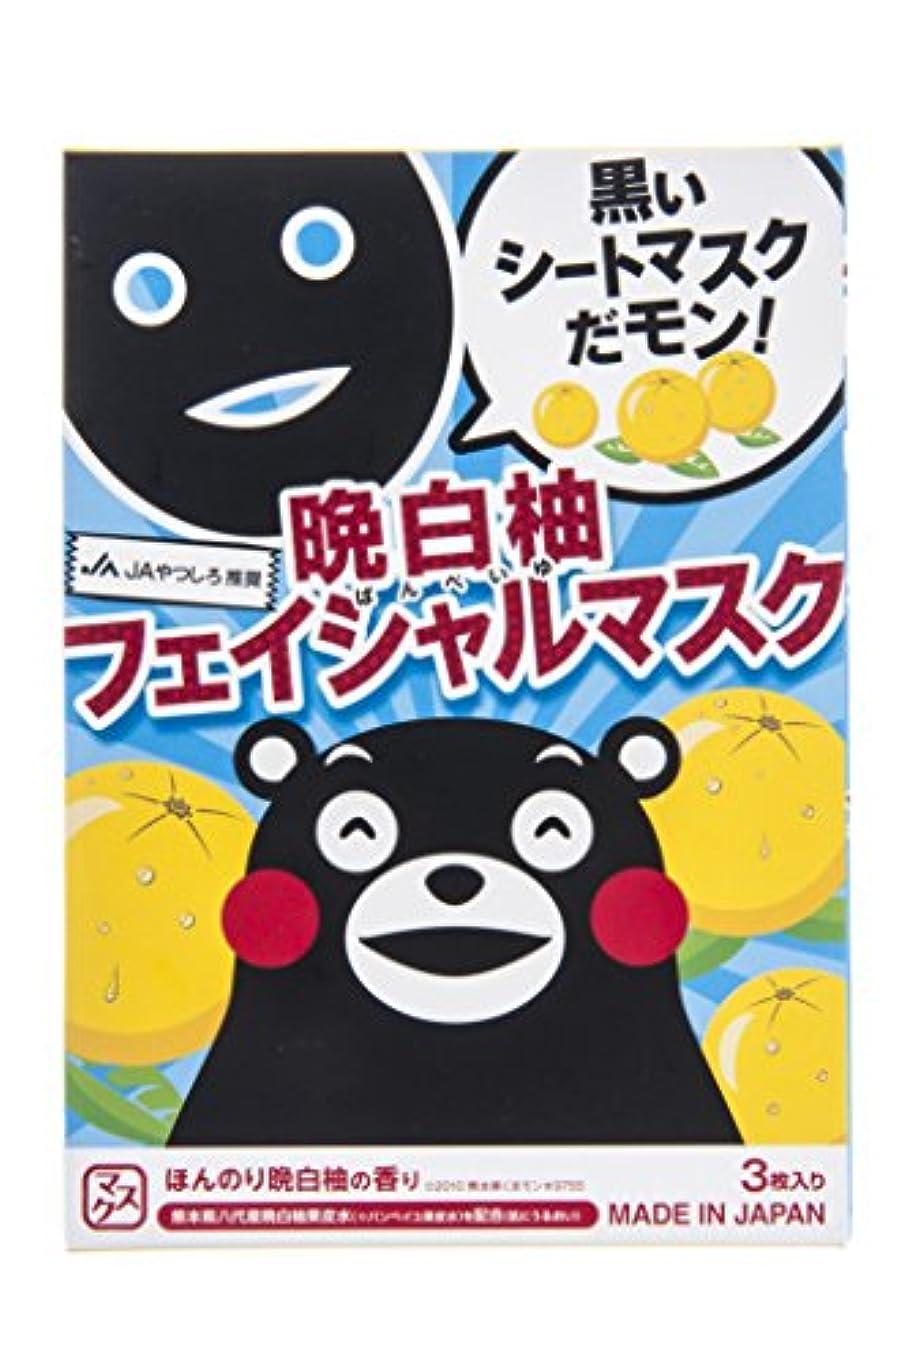 申込み批判的に影のある熊本ご当地マスクBP